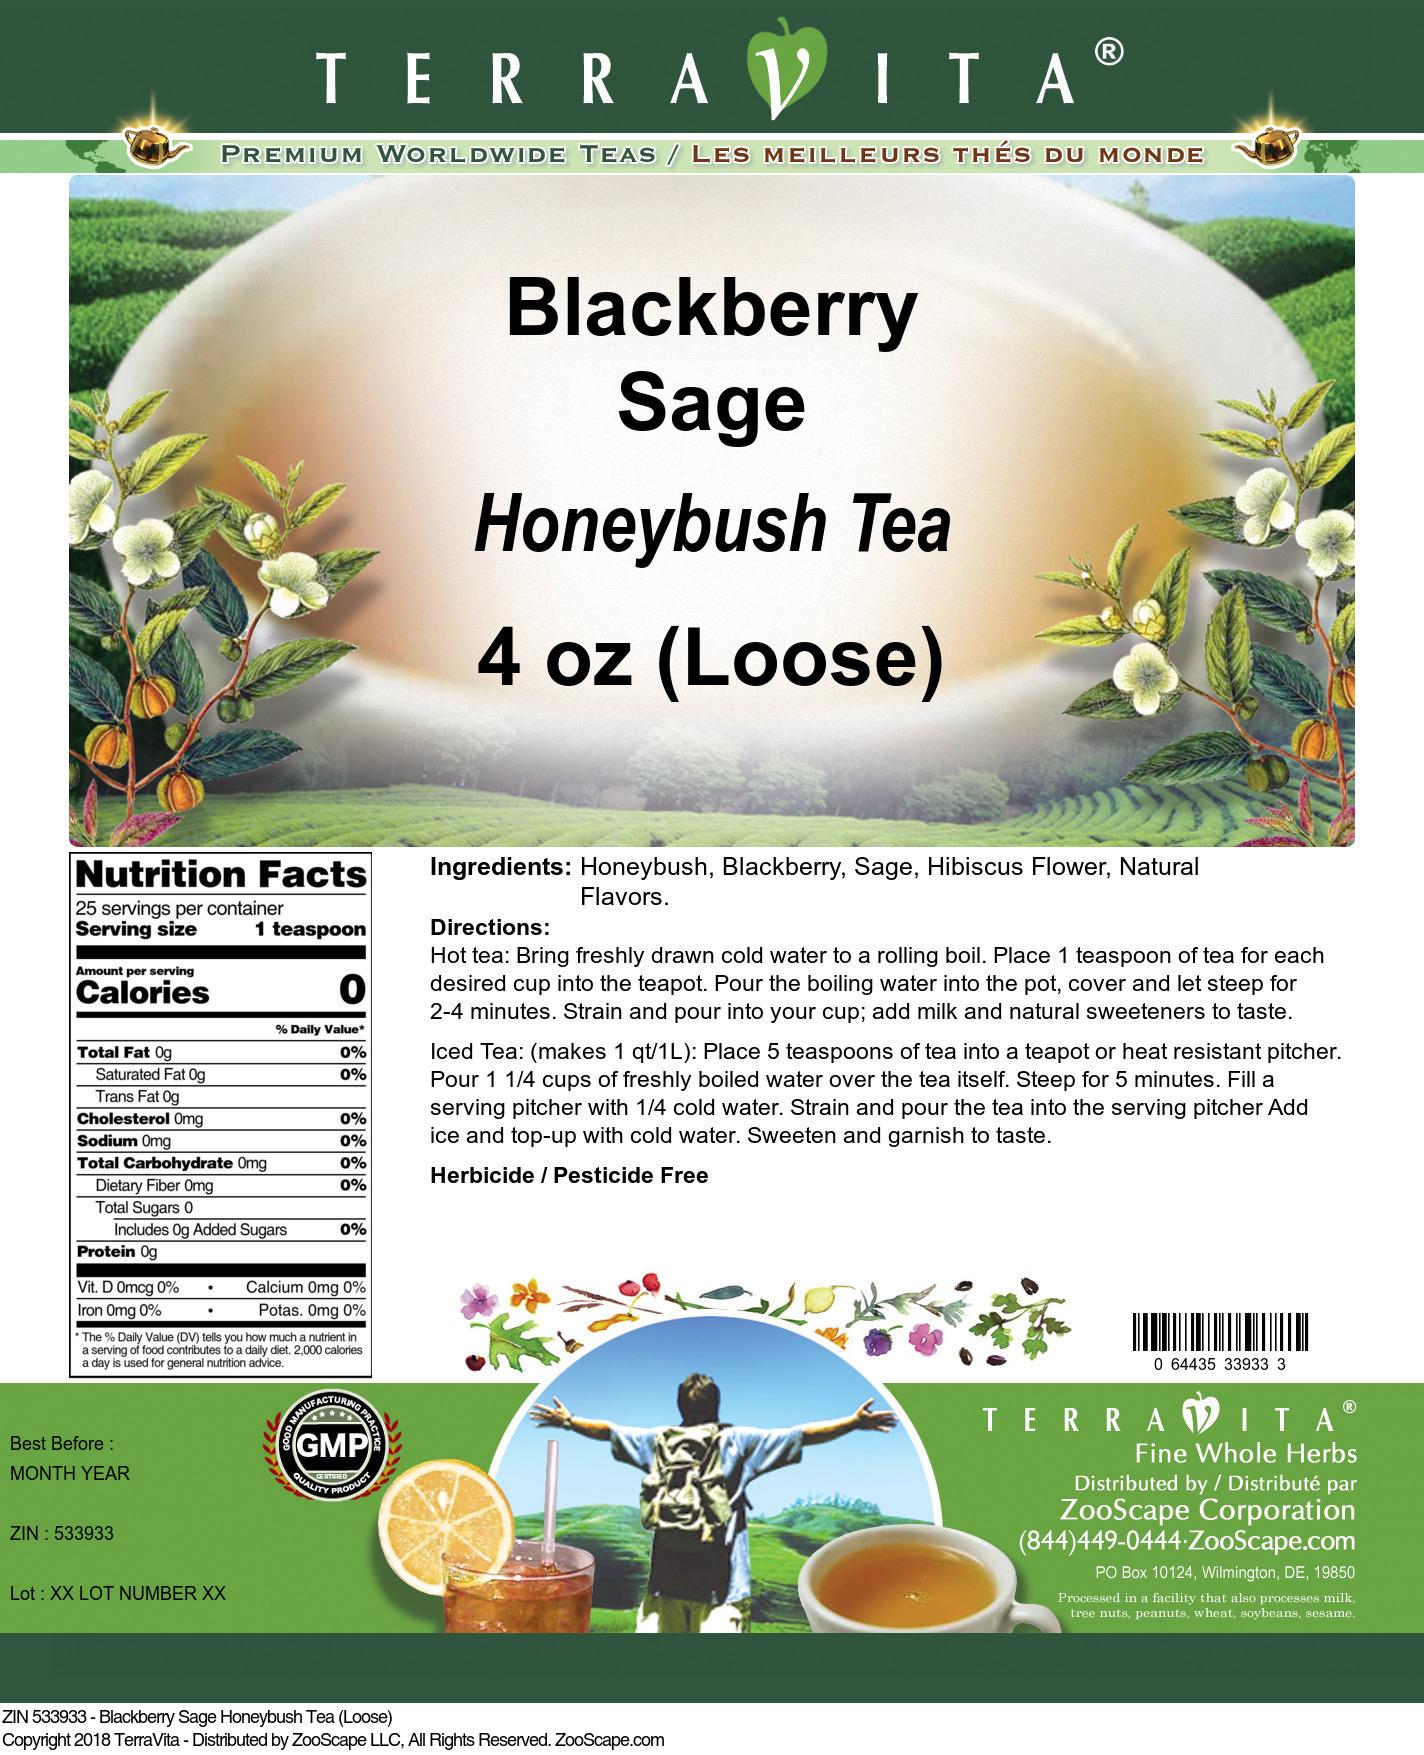 Blackberry Sage Honeybush Tea (Loose)